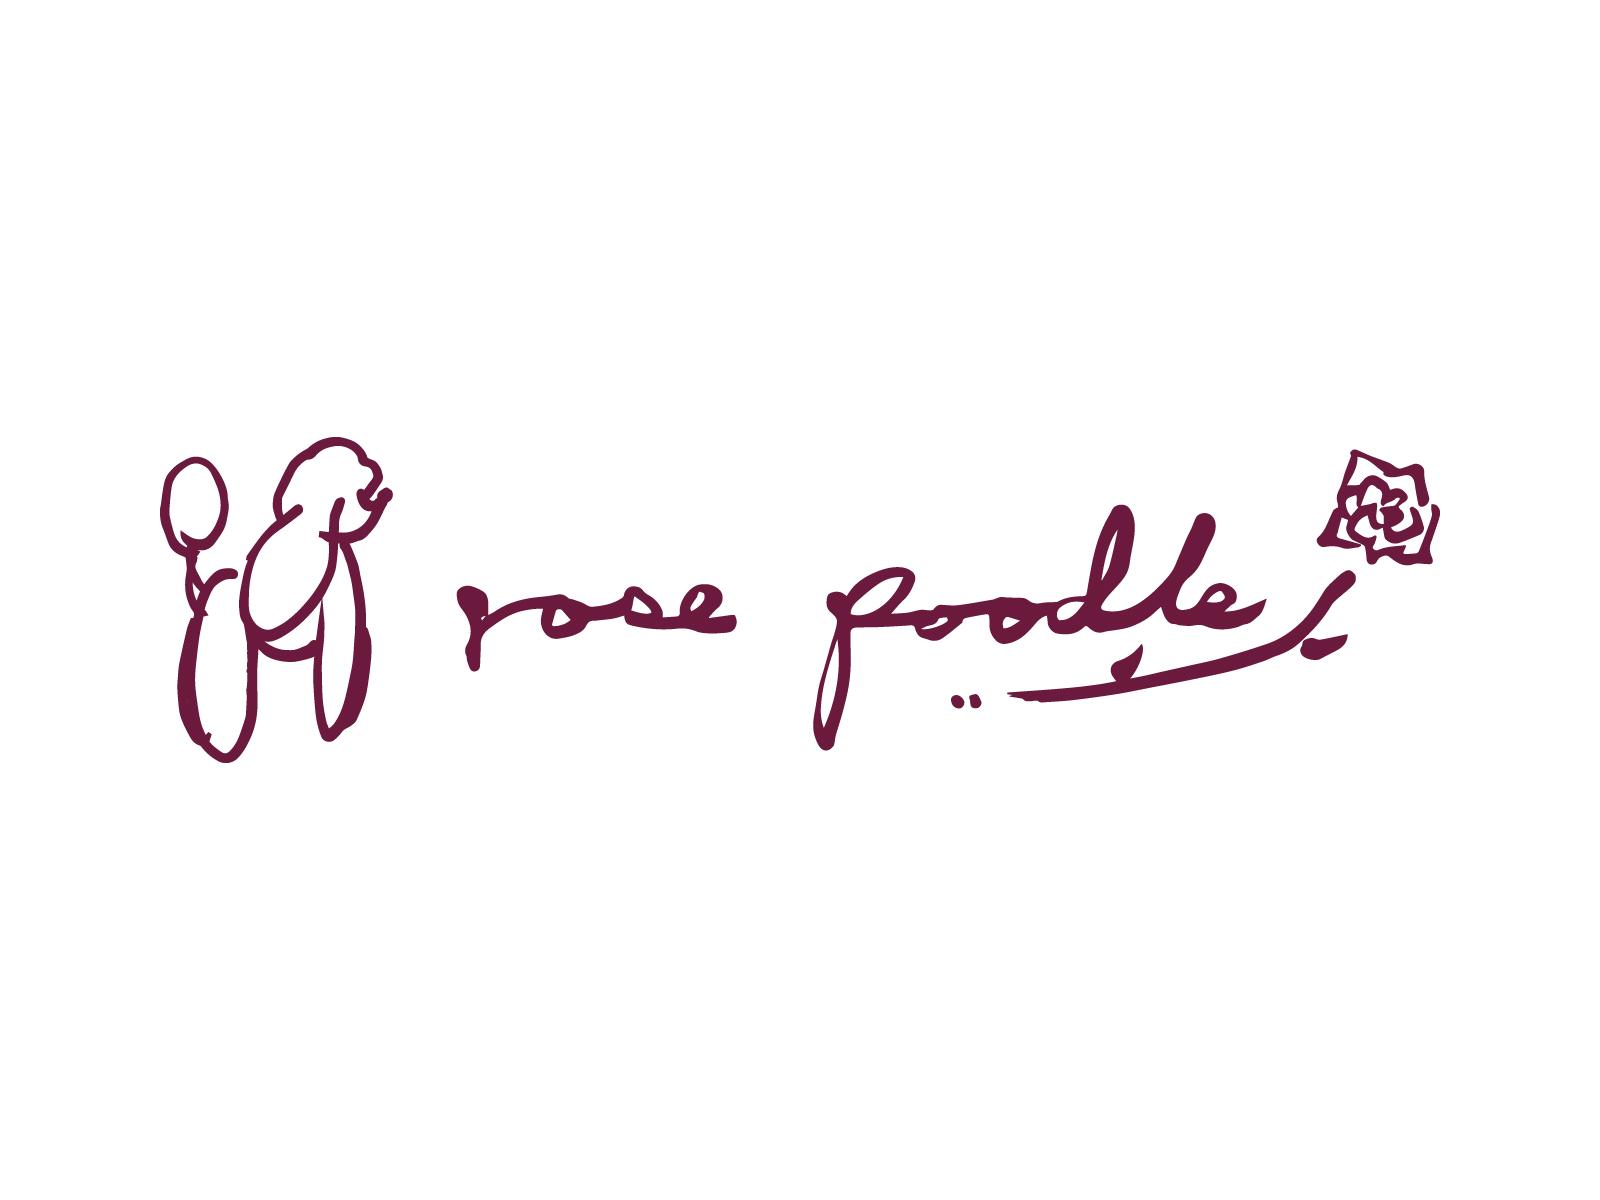 ローズプードルのロゴ